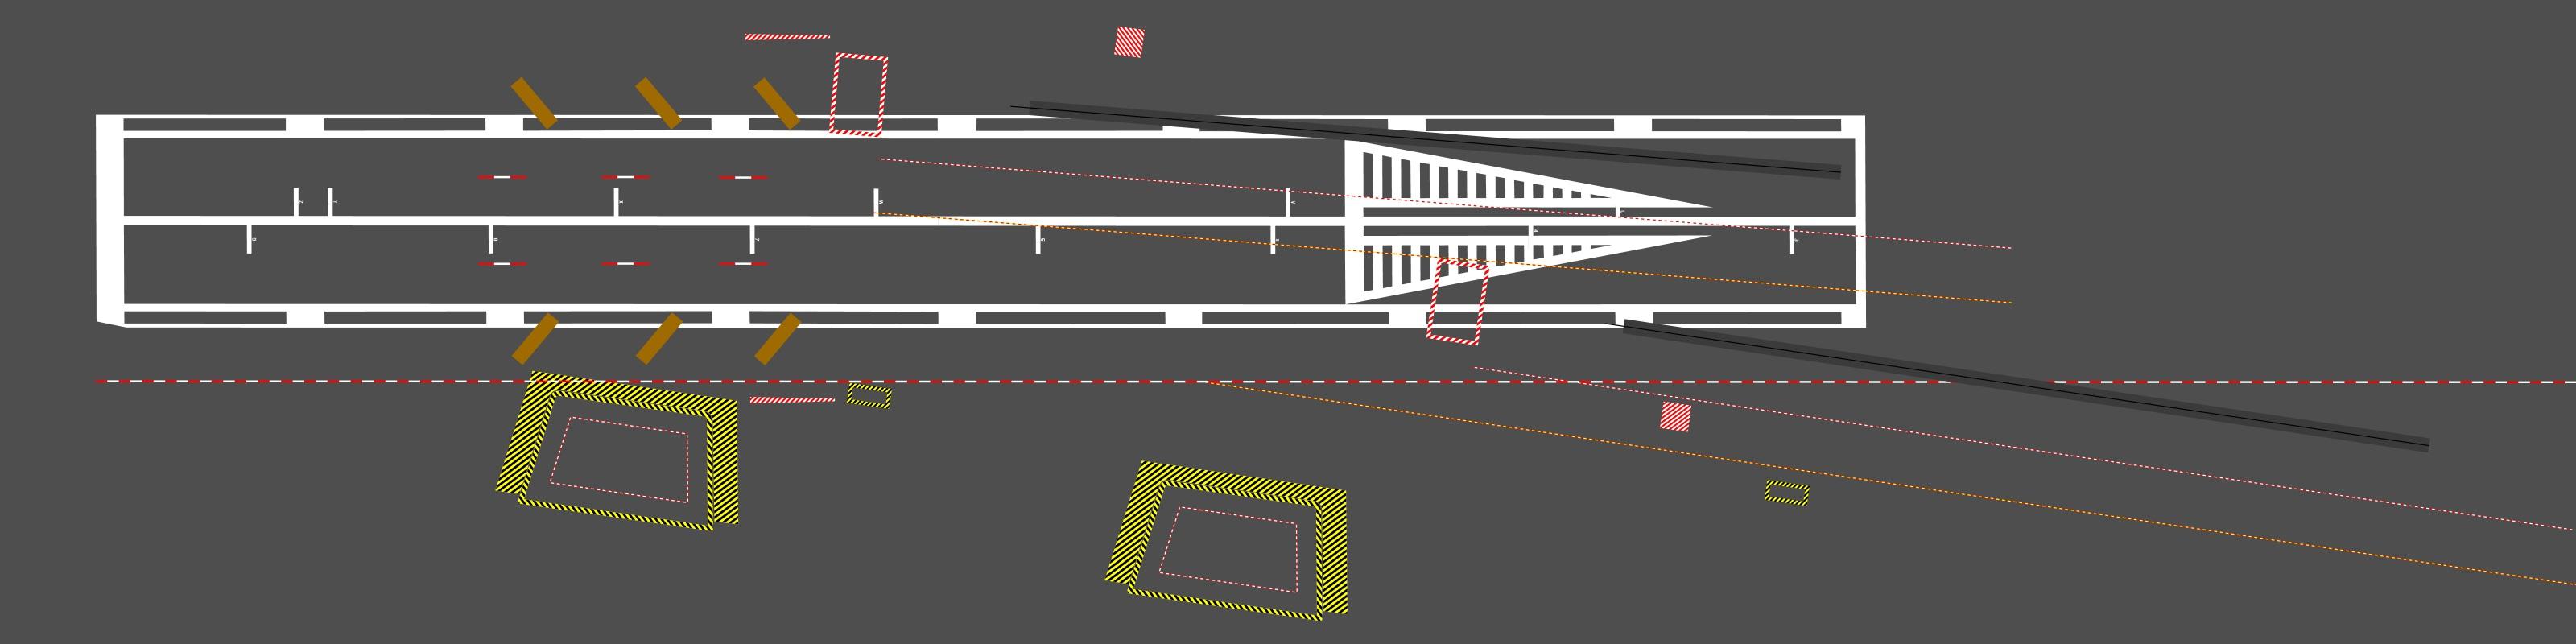 Diorama Groupe Aéronaval Français 2021 - 1/1800 - Impression 3D - Page 2 Pont_d11